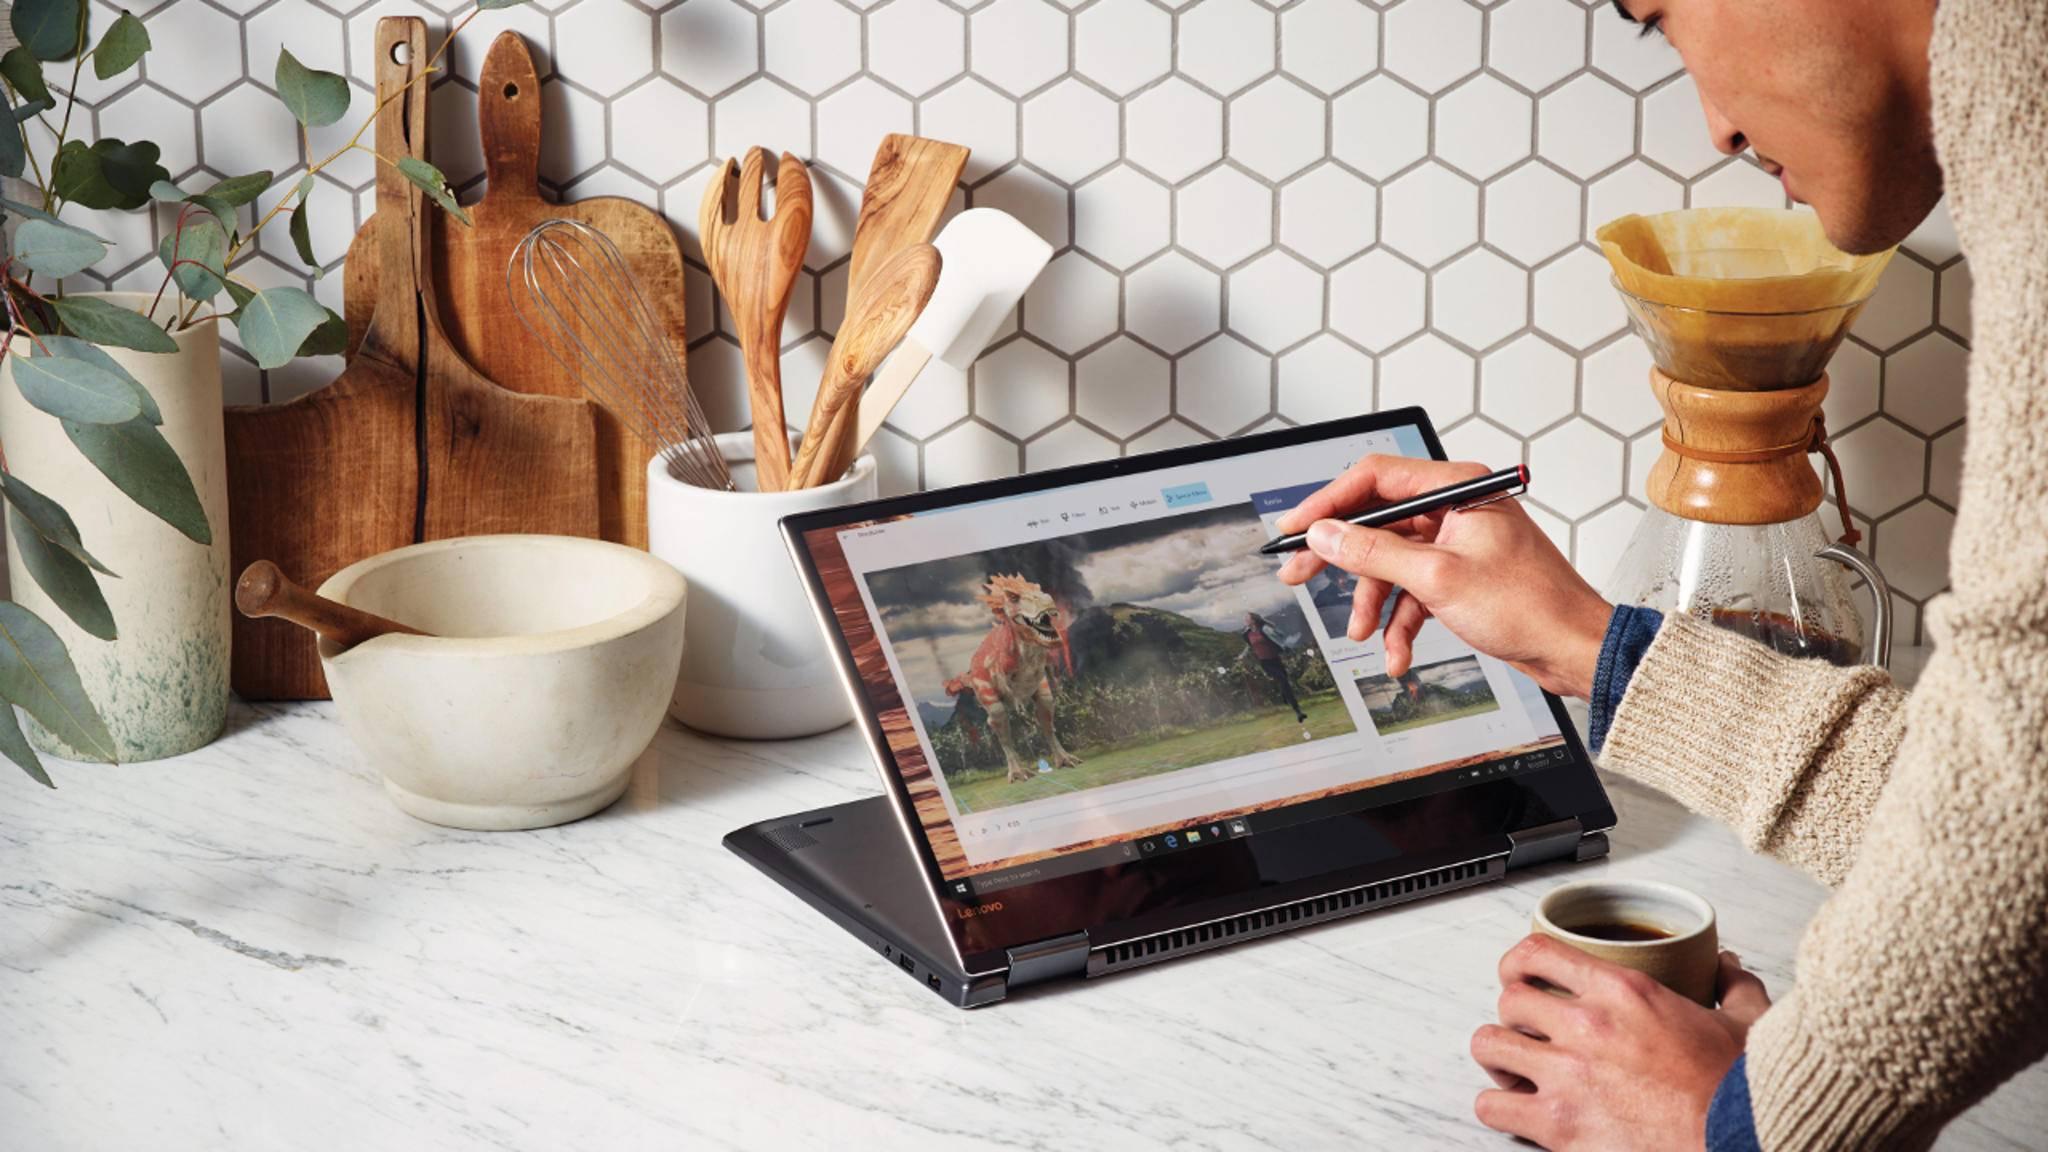 Das April-Update für Windows 10 führt bei Systemen mit bestimmten Intel-SSDs zu Abstürzen.